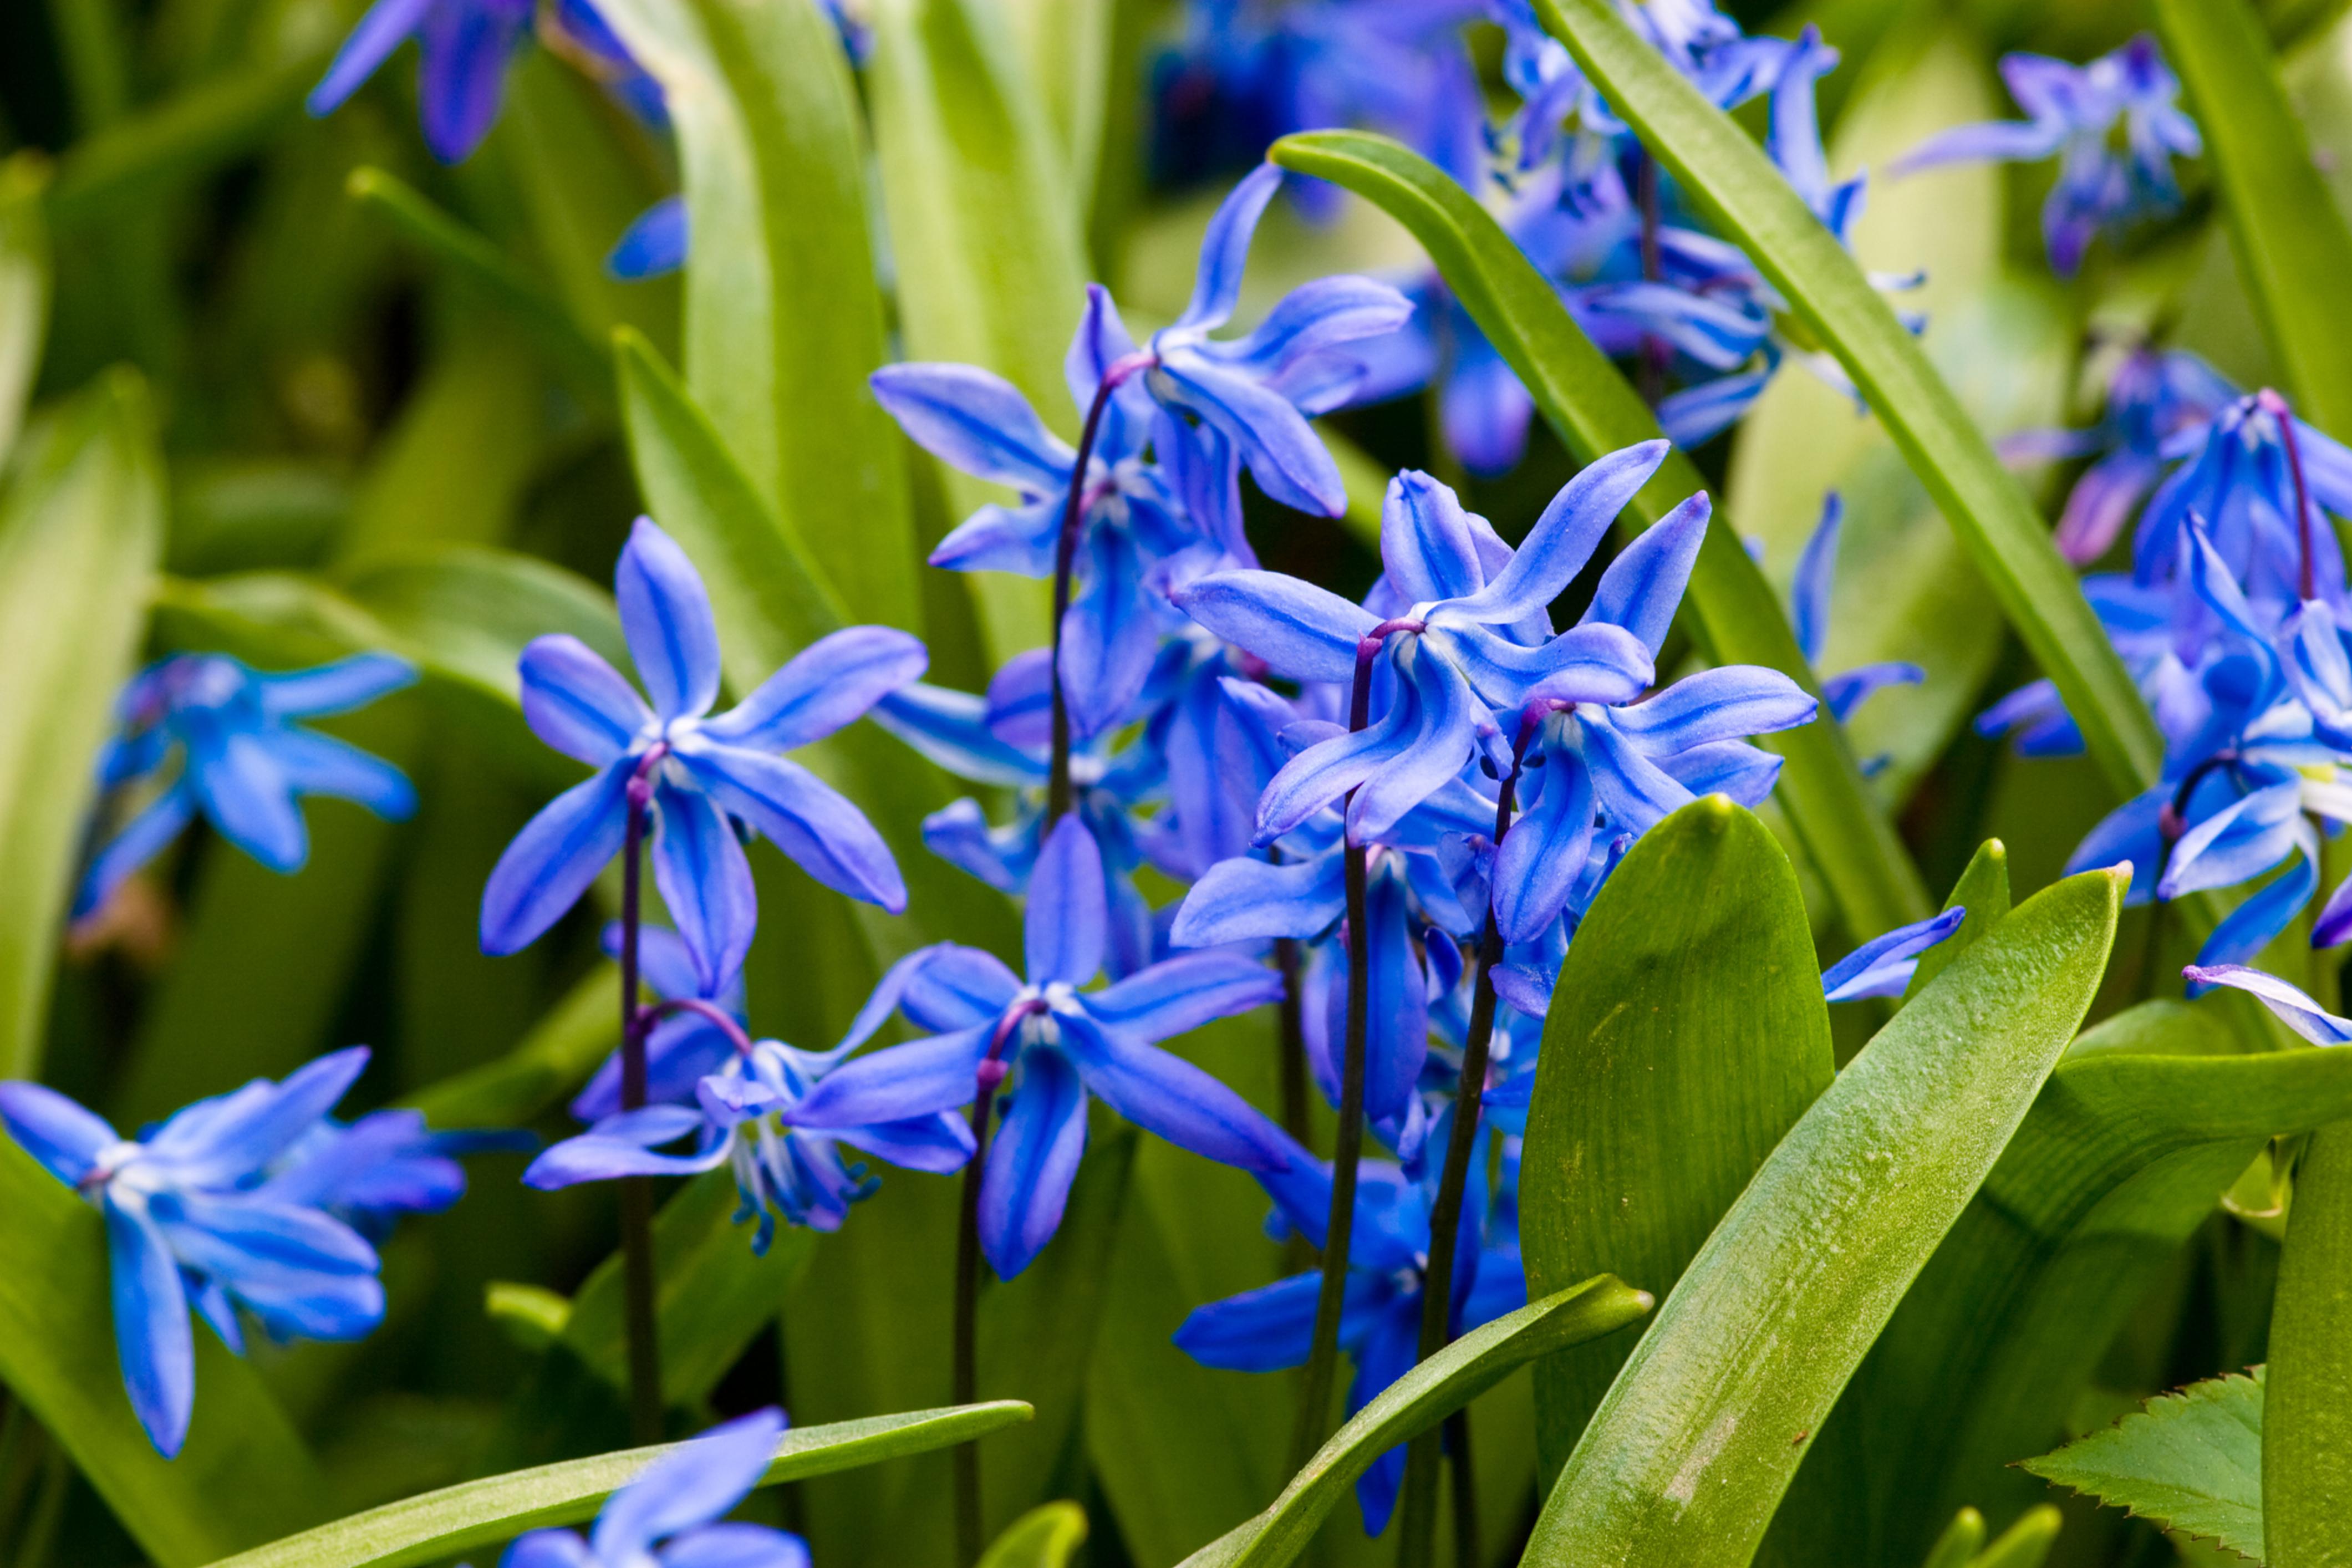 Flori De Primavara Sfaturi Imagini Denumiri In 2020 Flori